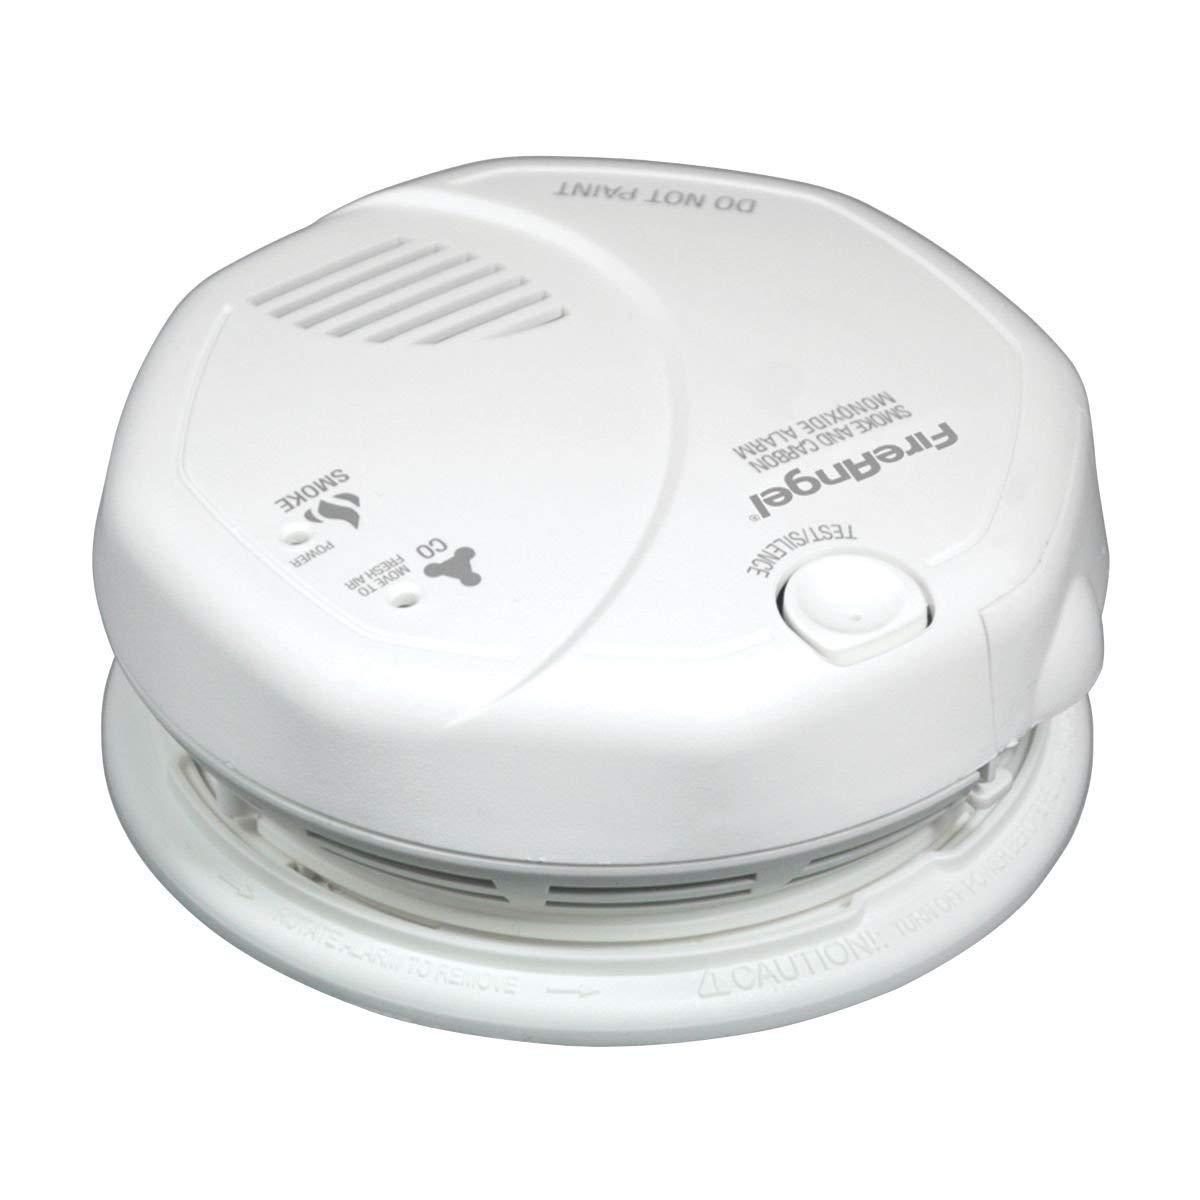 Detector de humo y de monóxido de carbono FireAngel, SCO5Q: Amazon.es: Bricolaje y herramientas